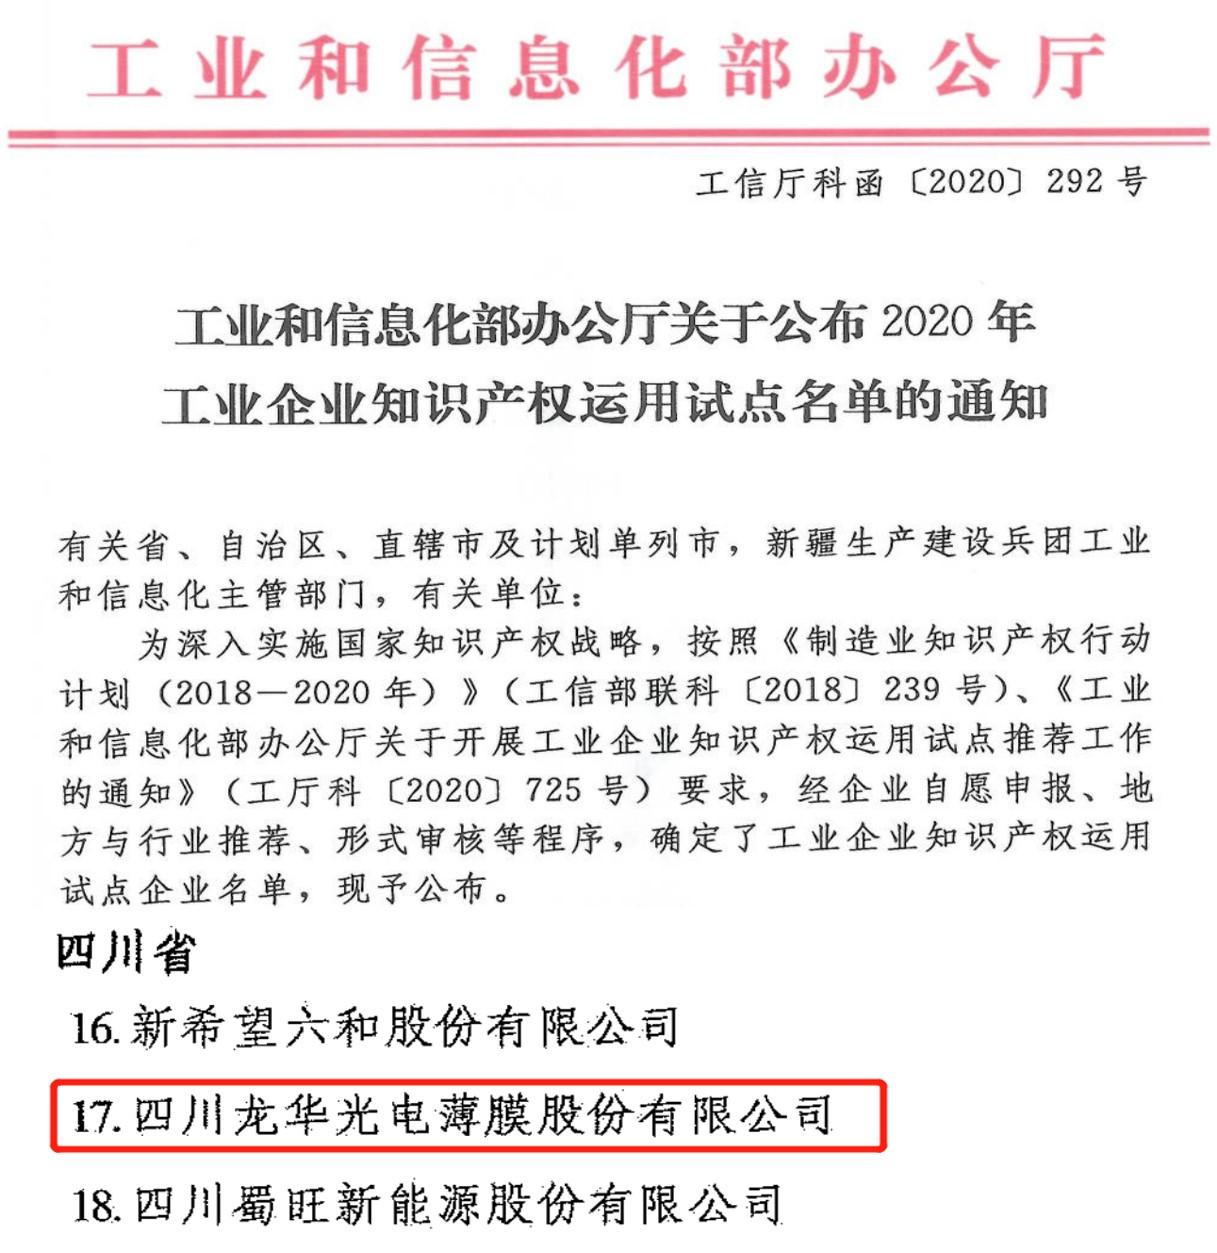 龍華薄膜入選(xuan)國(guo)家工業企業知識產權運用試(shi)點企業